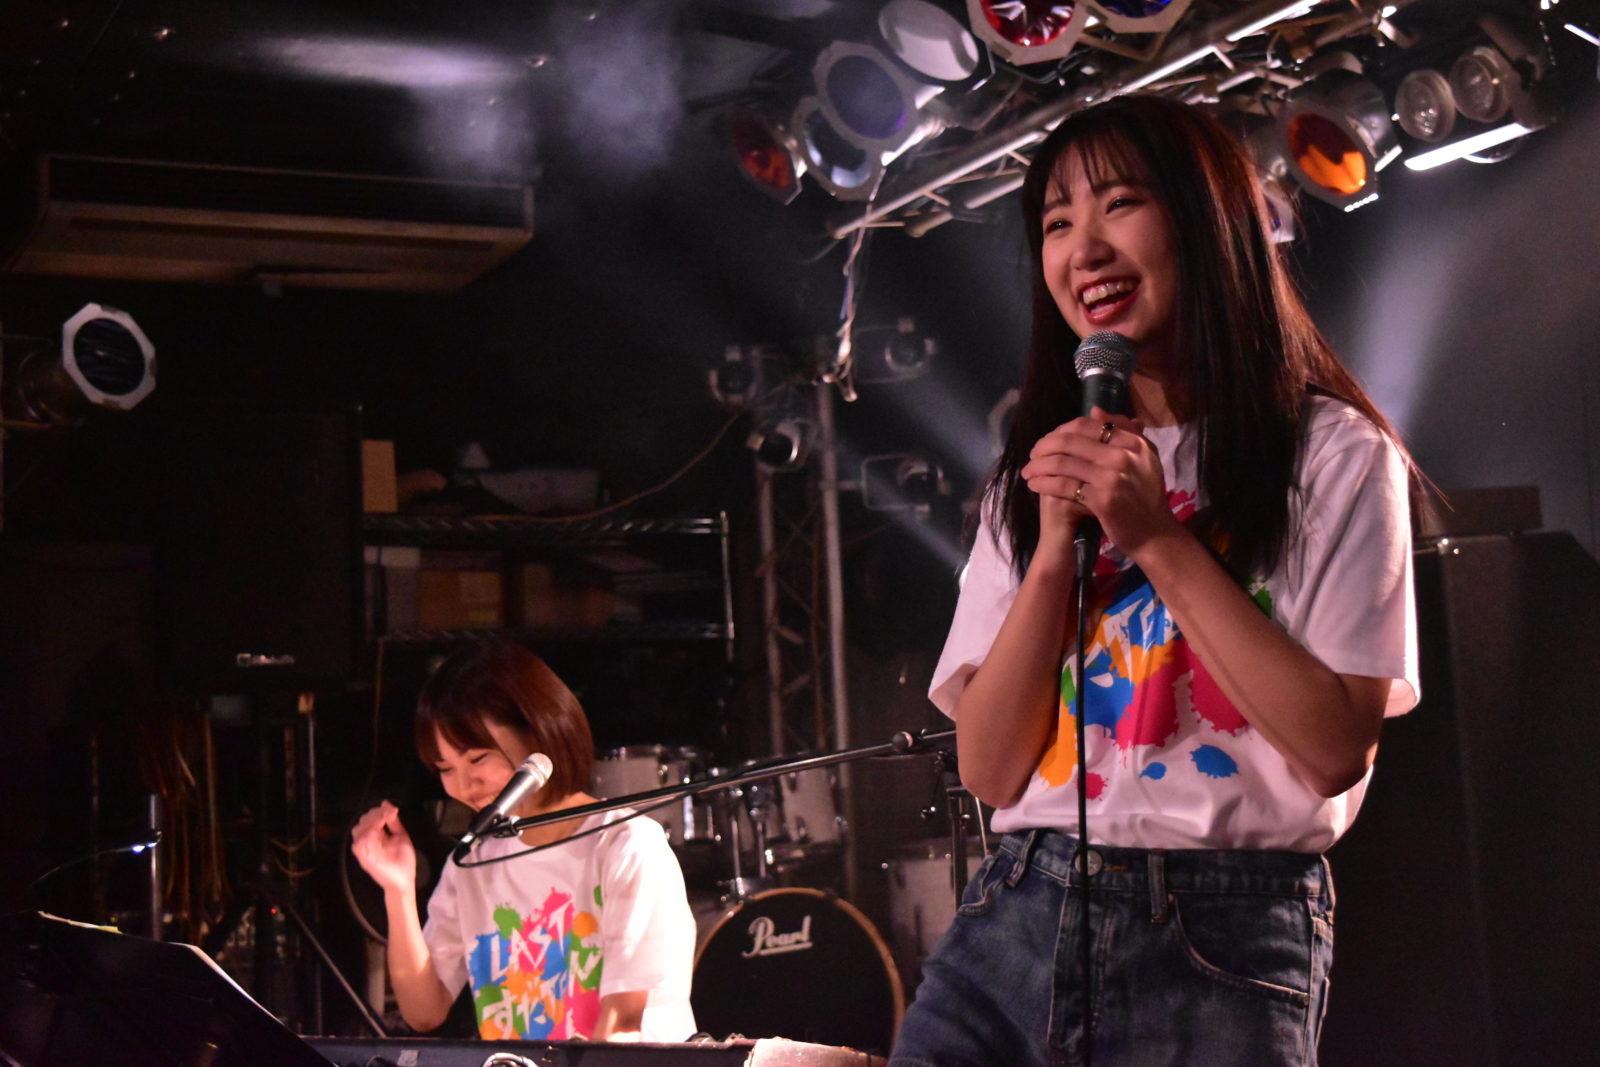 上野優華「Road to BLITZ」ツアーファイナルを迎え、来年2月4日はついに20歳のバースデー記念公演を赤坂BLITZにて開催!サムネイル画像